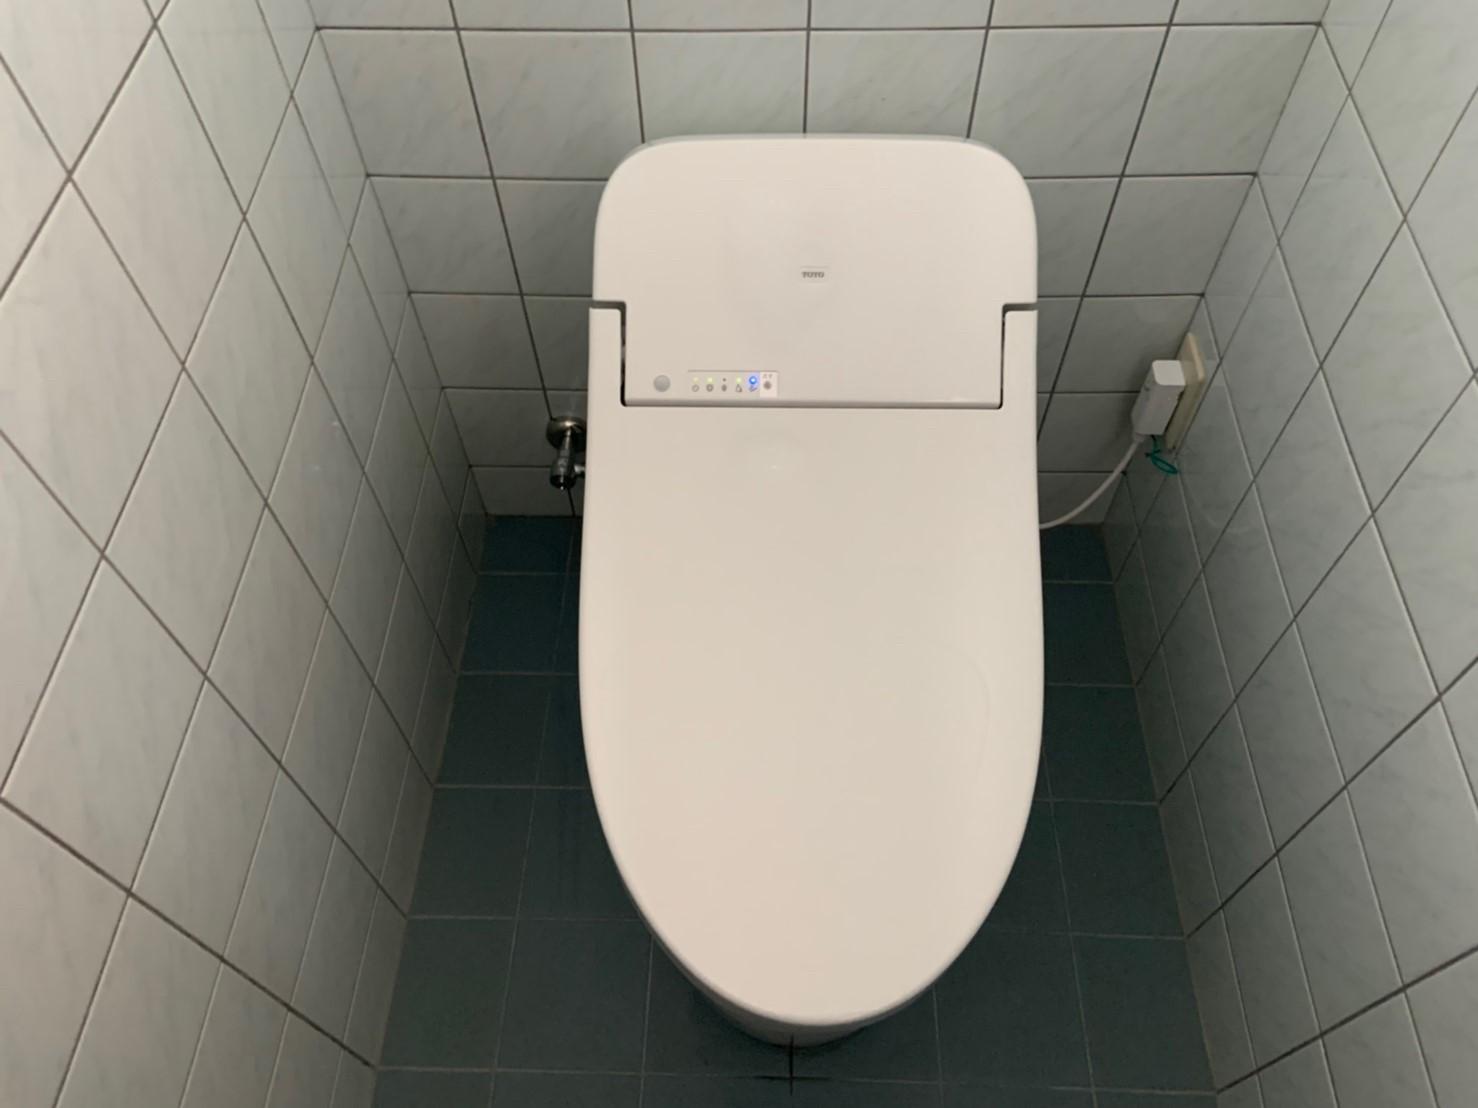 タンク一体型トイレ GGシリーズへ交換工事(CES9415M)【京都市北区西賀茂】